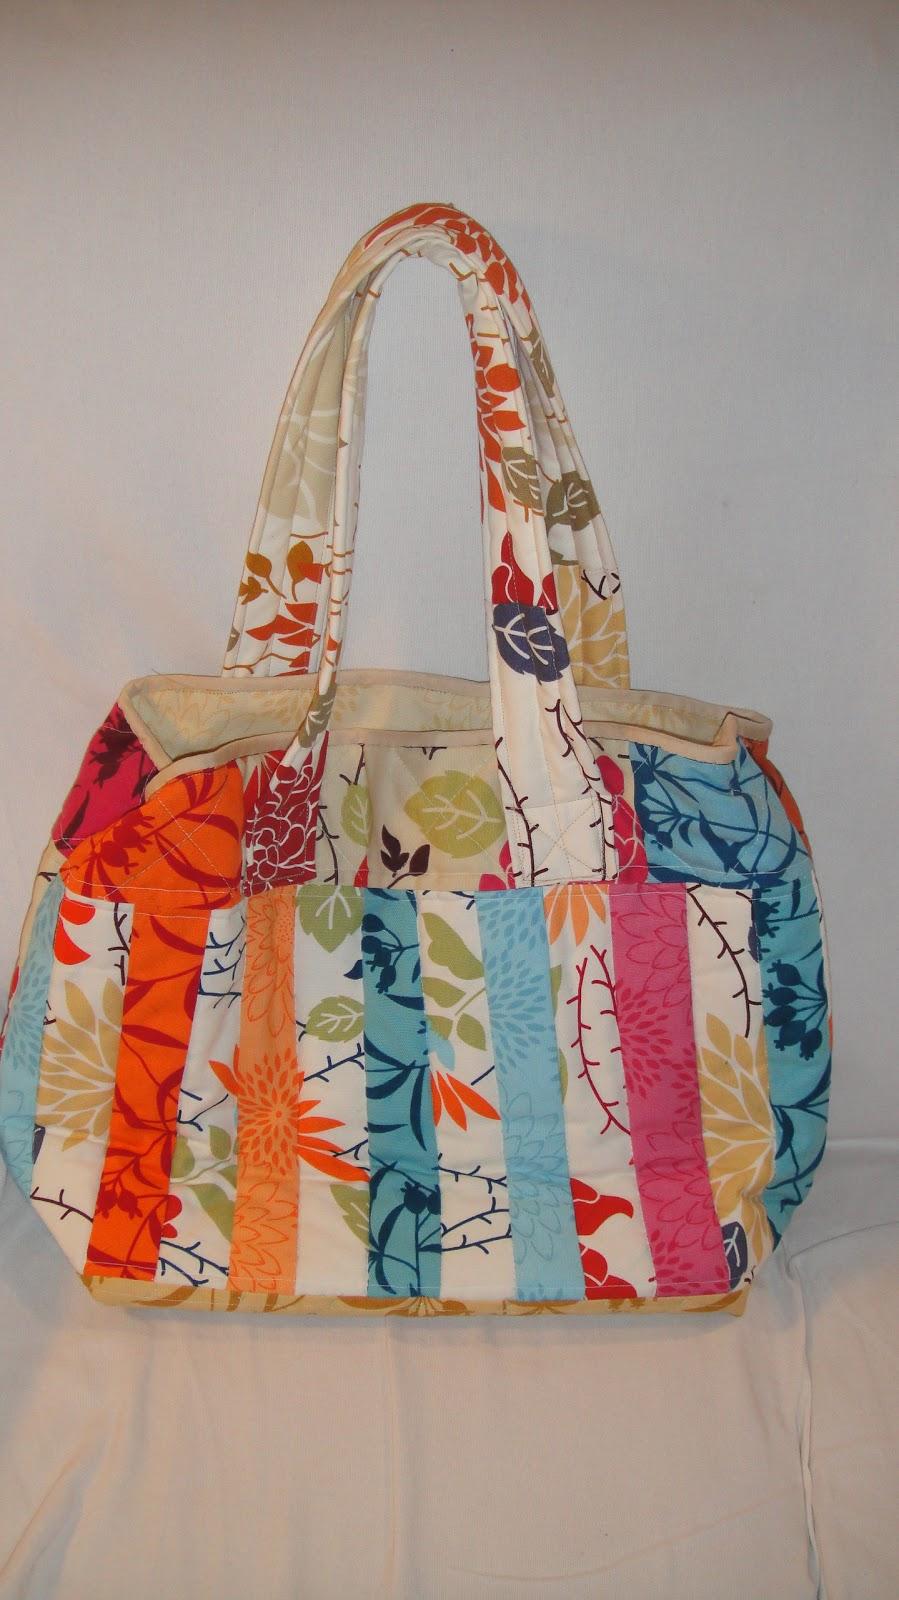 Patrones para hacer bolsos patchwork - Manualidades patchwork bolsos ...